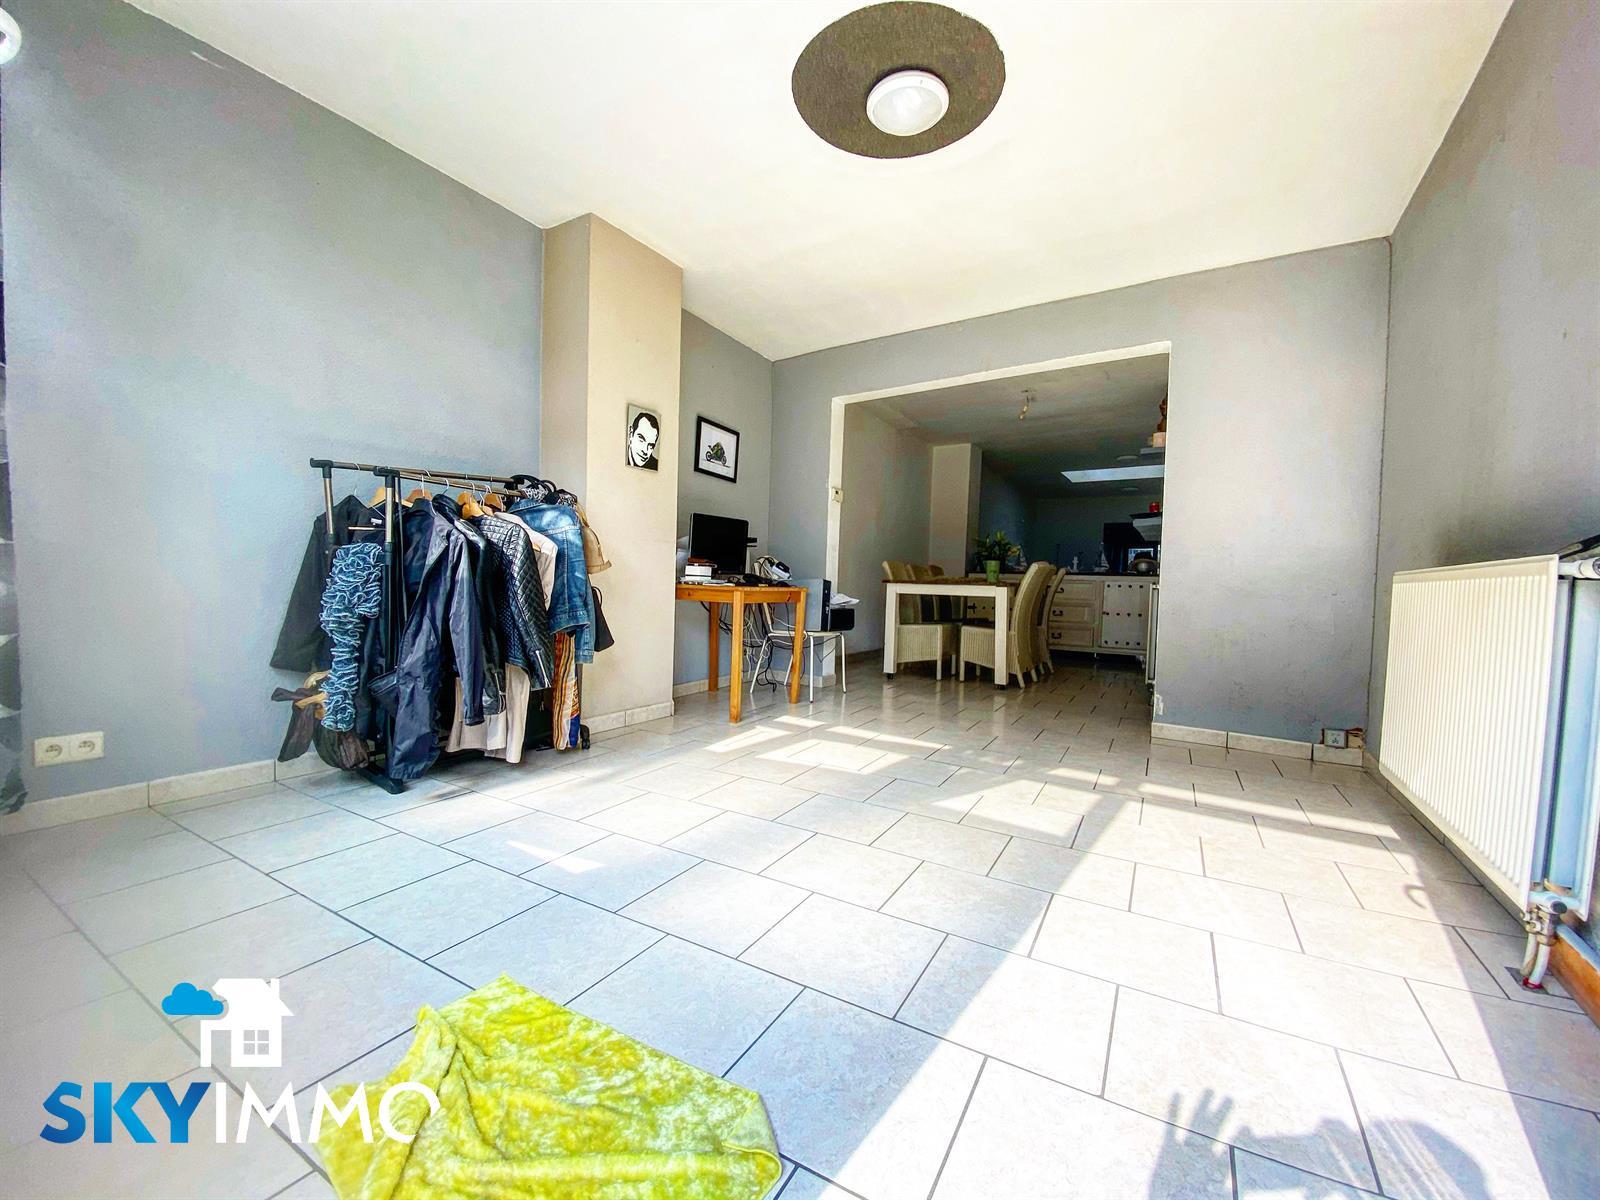 Maison - Seraing - #4325764-1